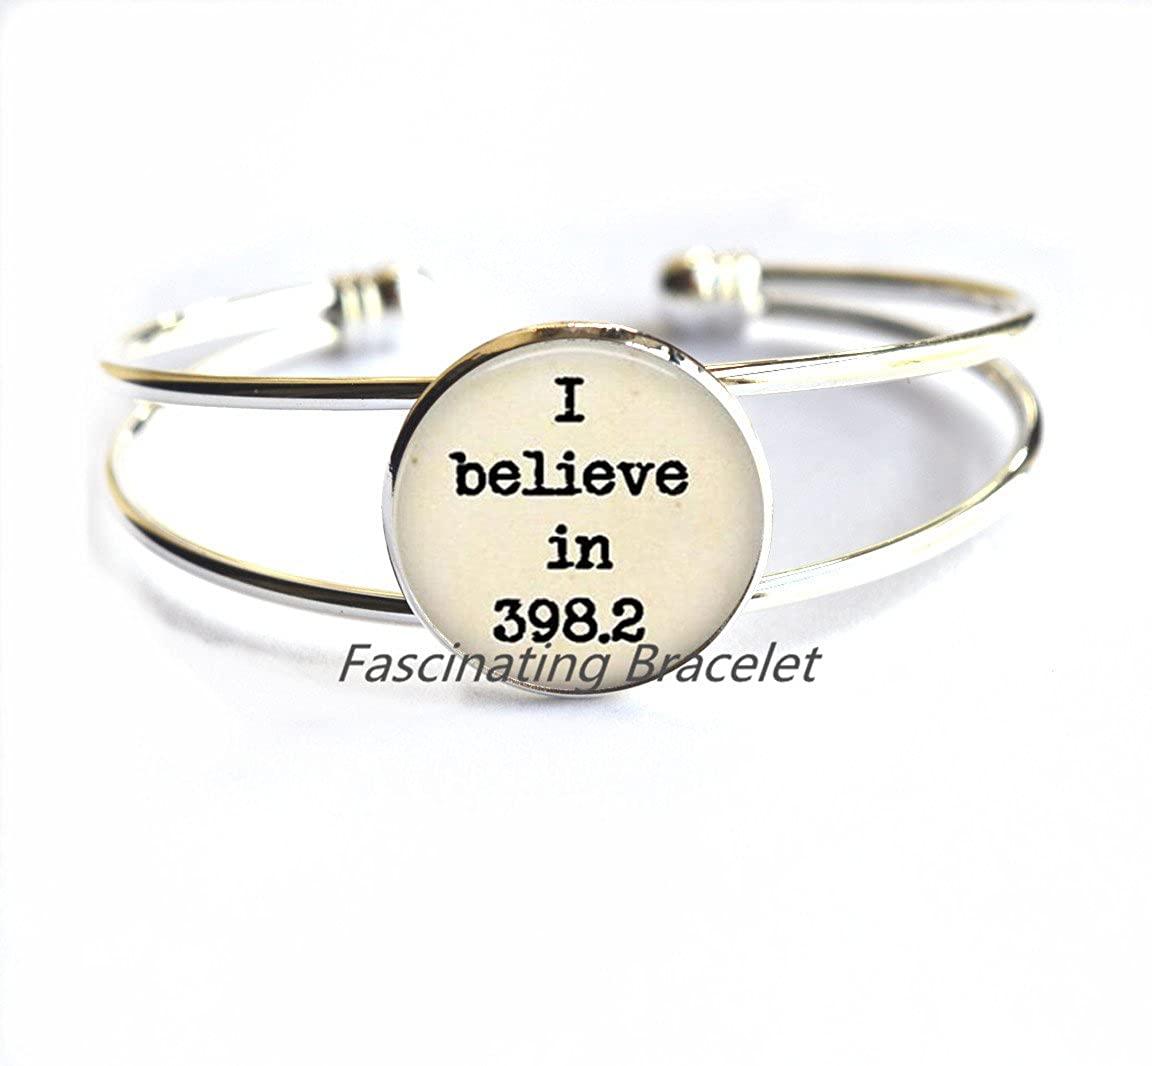 Fashion Bracelet,Literary Jewelry I Believe in 398.2 Bracelet Sayings Jewelry Quote Bracelet Bookish Jewelry,I still believe in 398.2 Bracelets, fairy tale jewelry book jewelry fairy tale wedding Deci